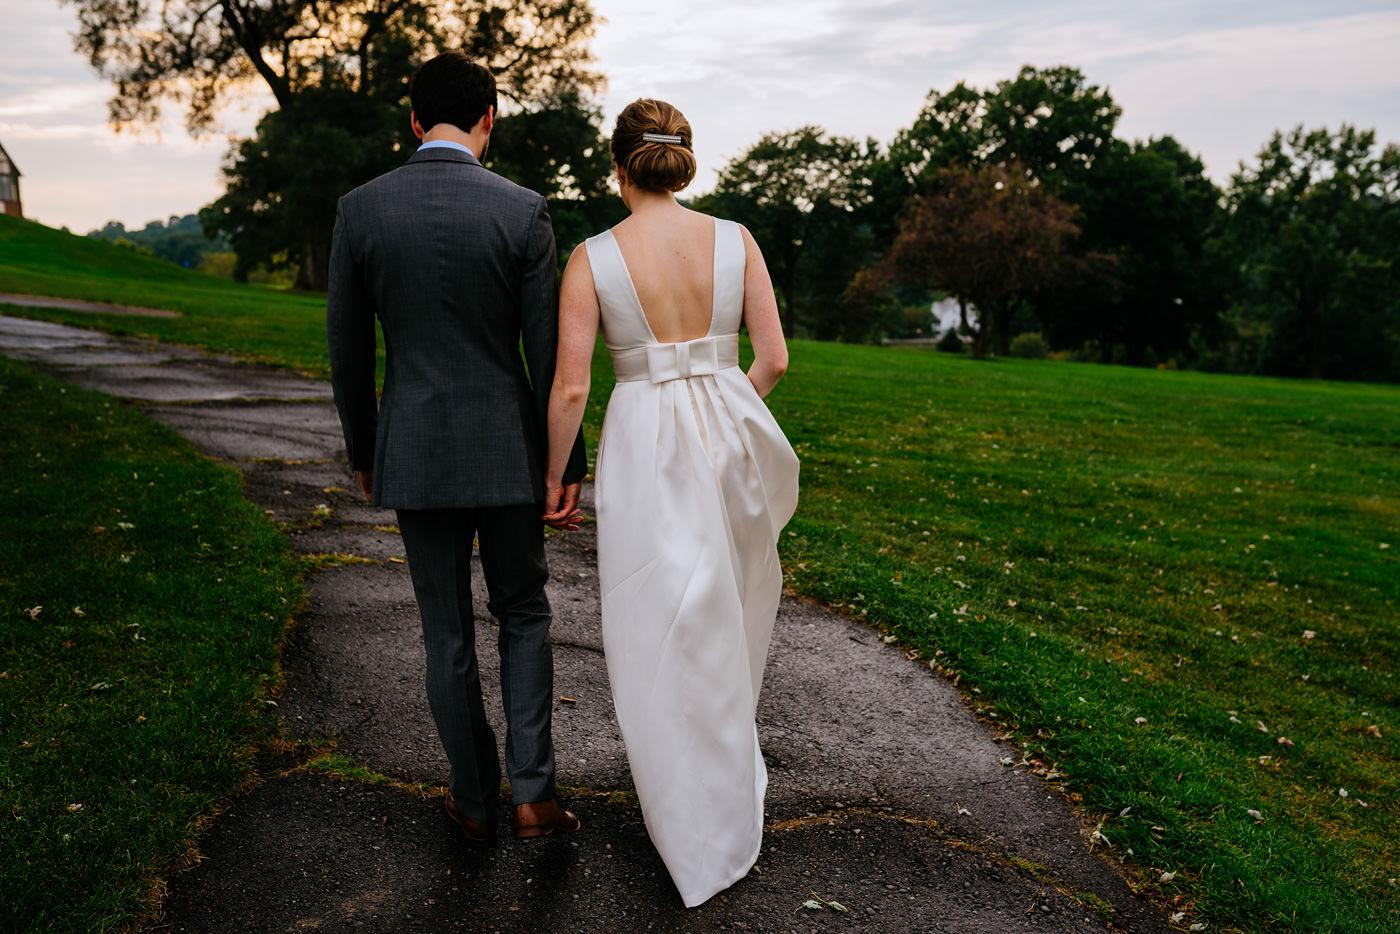 pittsburgh pa wedding couple walking